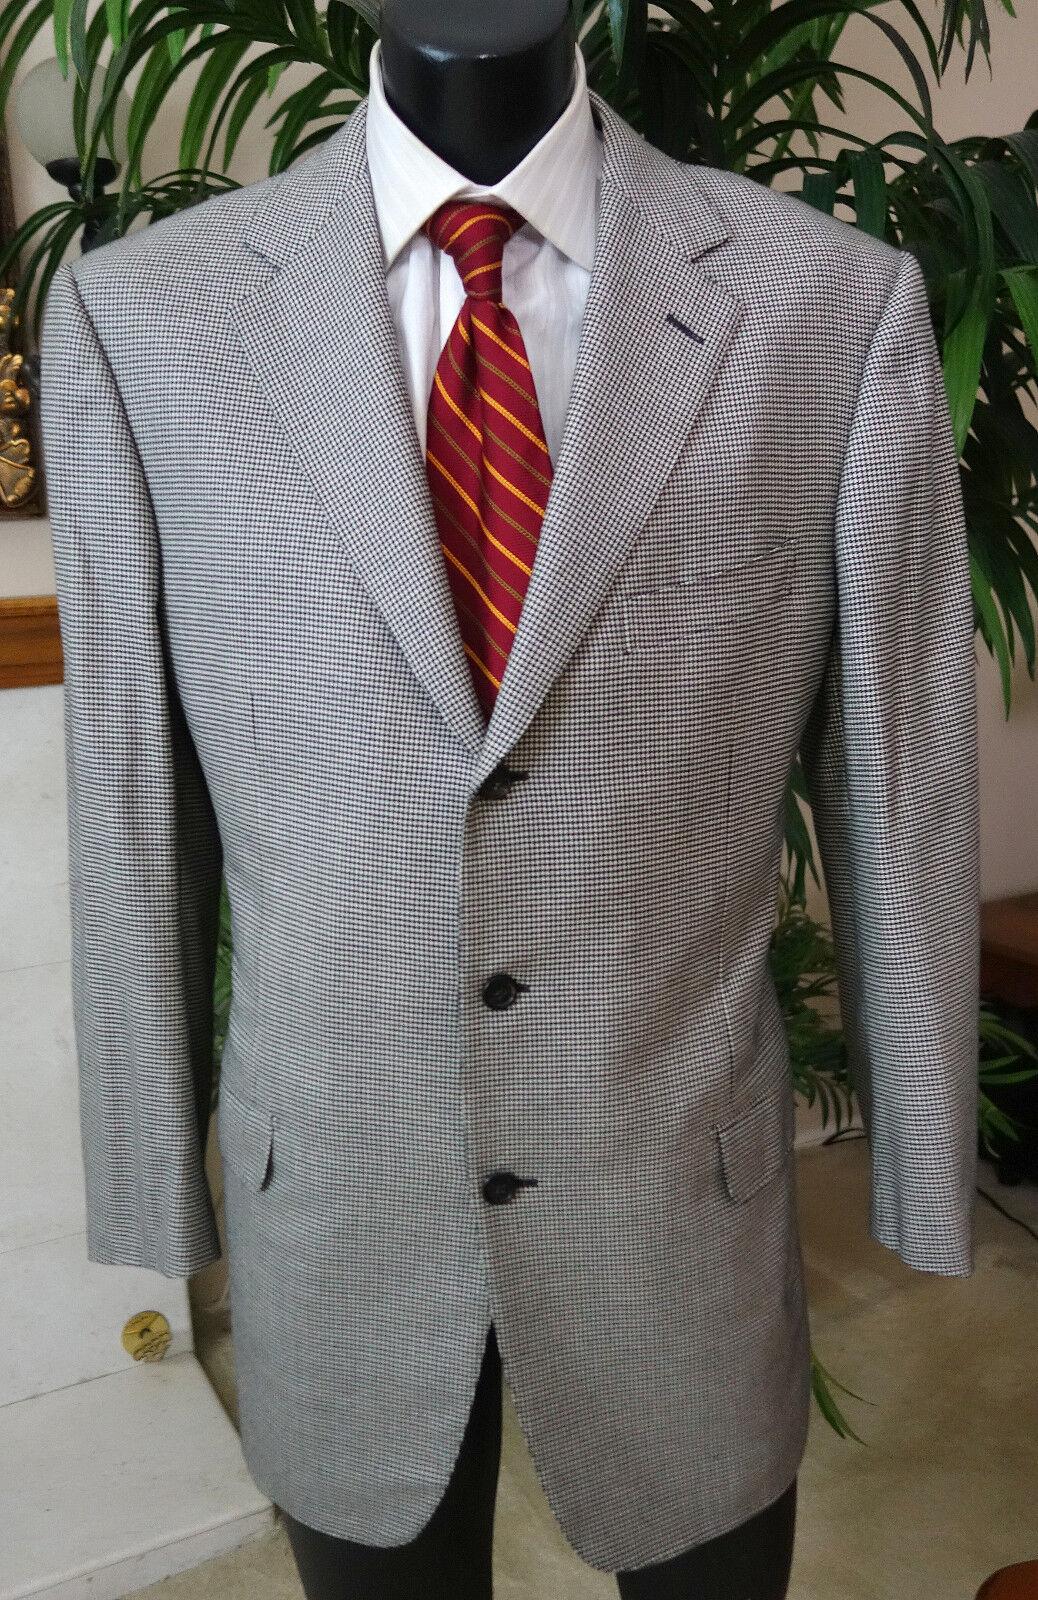 Zegna Sport coat 15 Mil Dual Vents 44L Exquisite